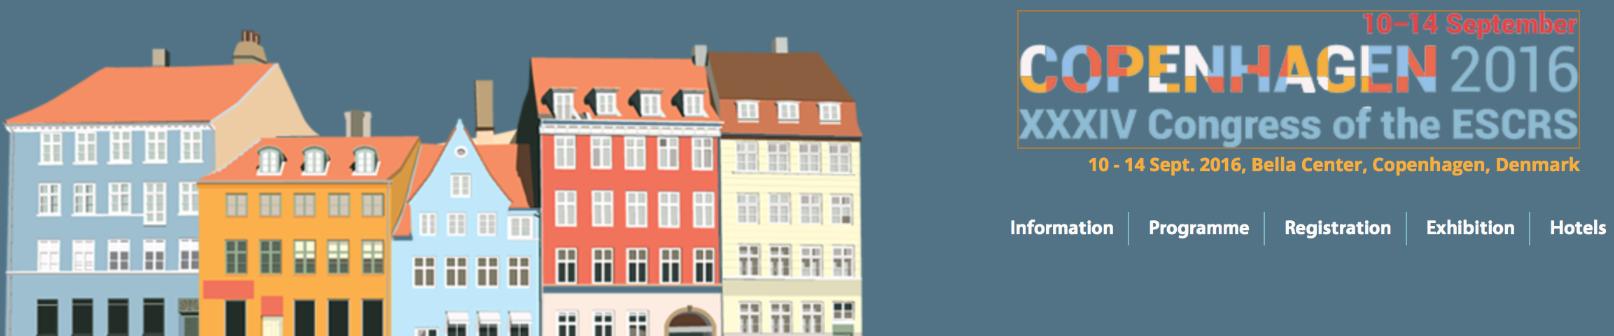 Visit us in ESCRS COBENHAGEN 10-14 Sept. 2016